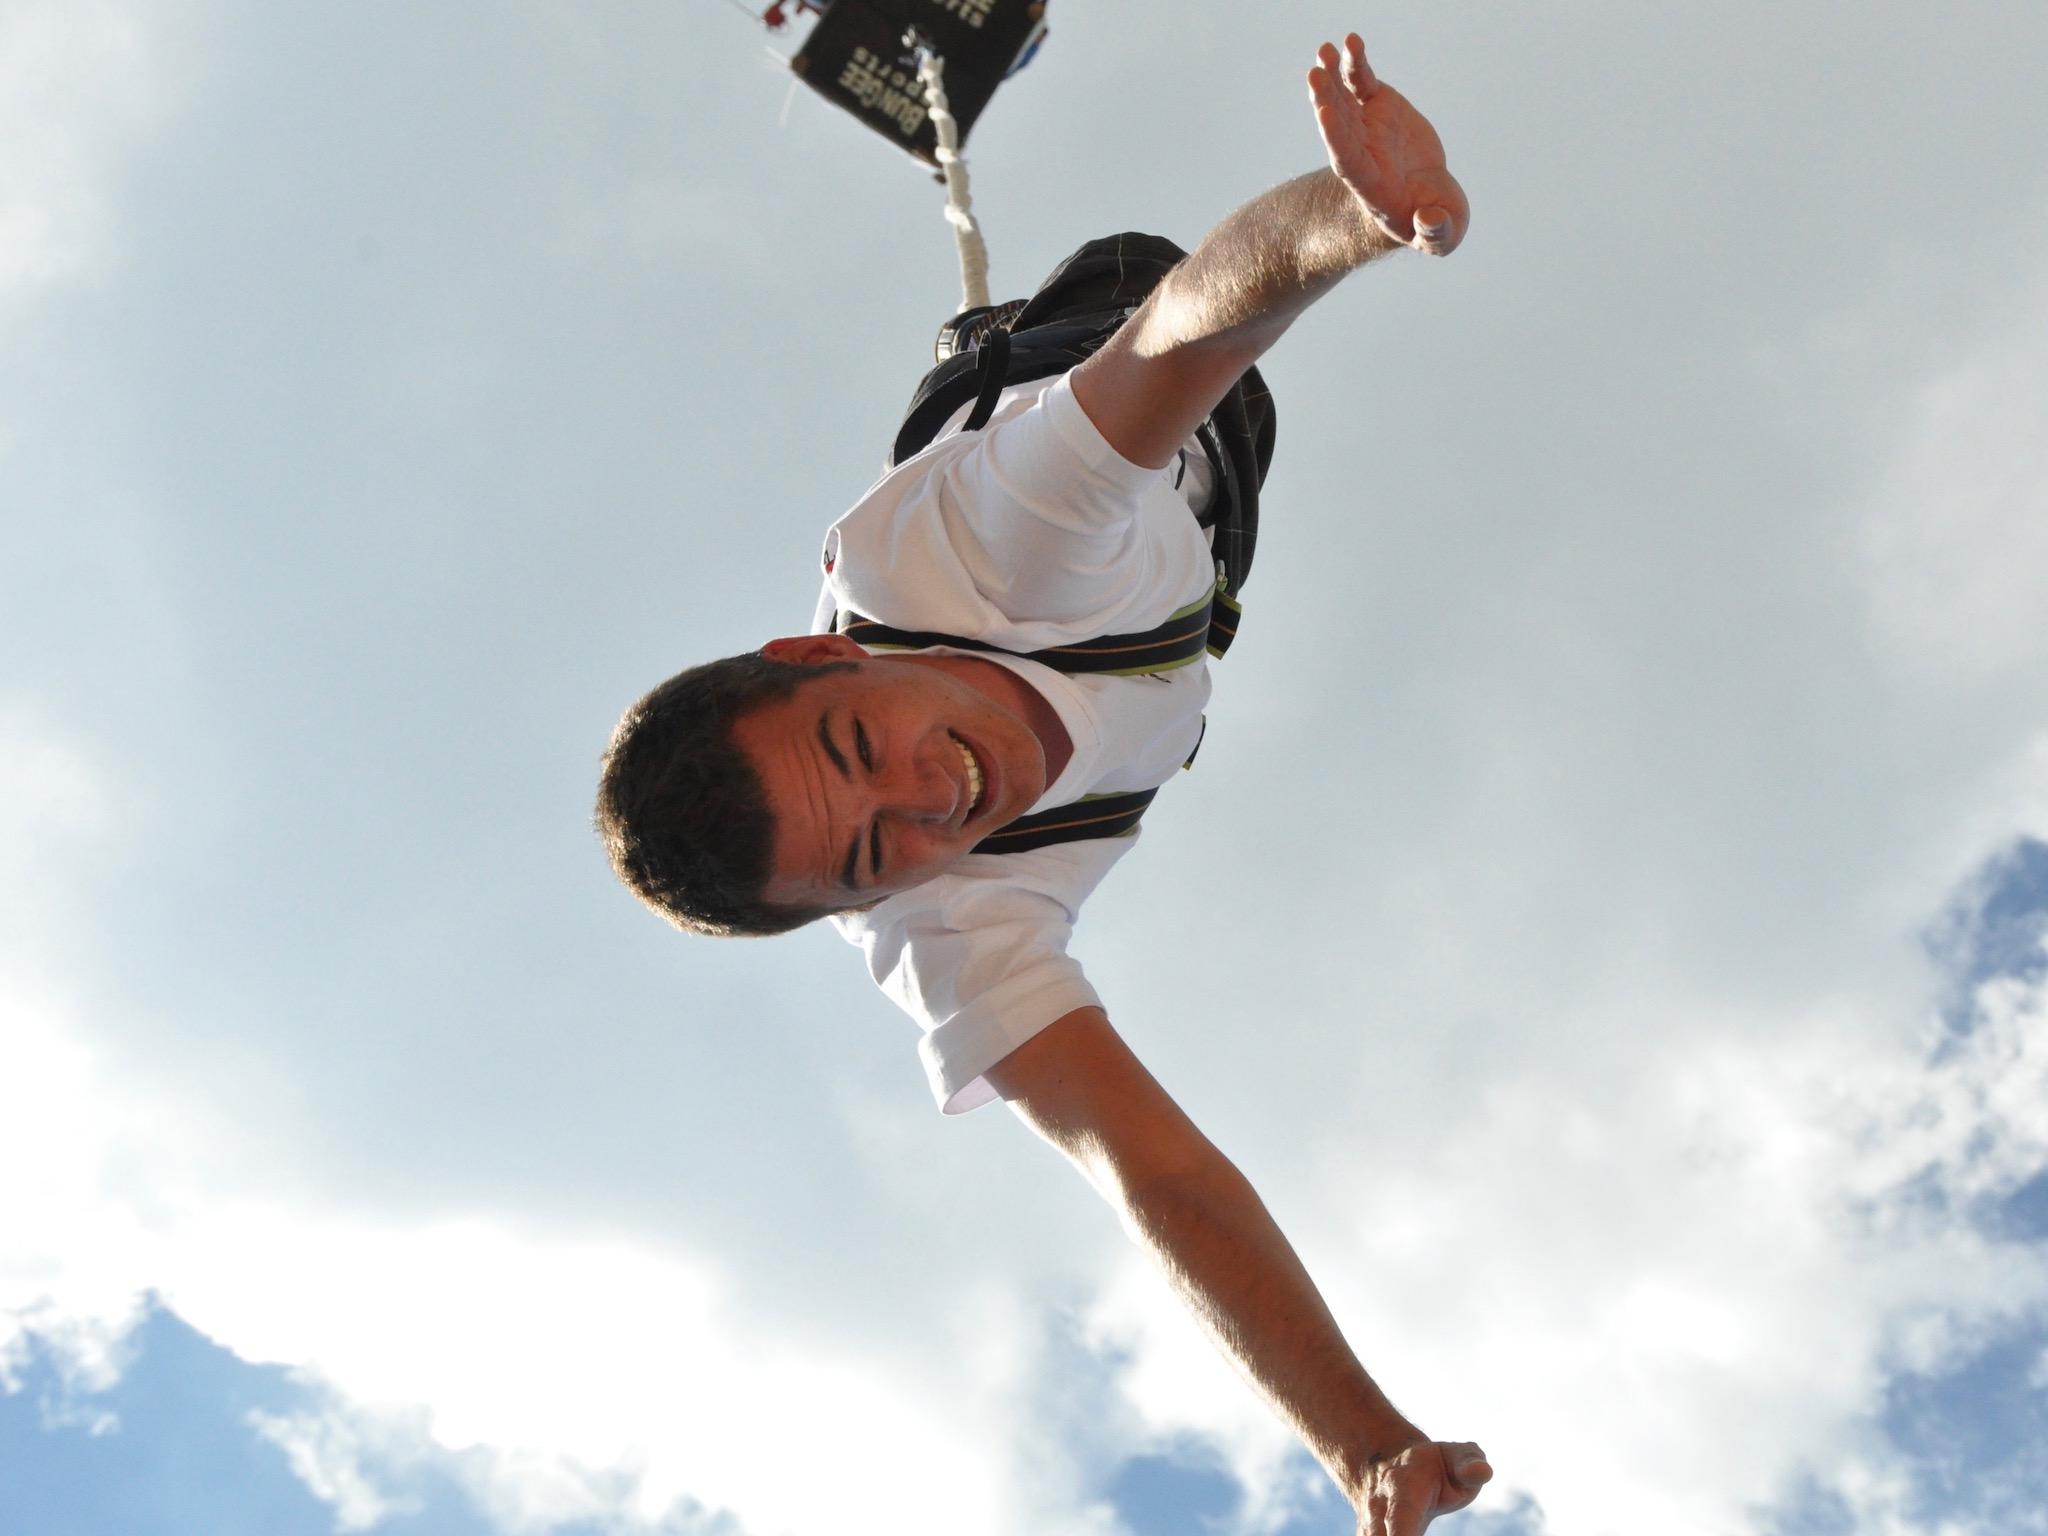 Bunte-Springen gibt einen Adrenalin-Kick. Foto: air4you